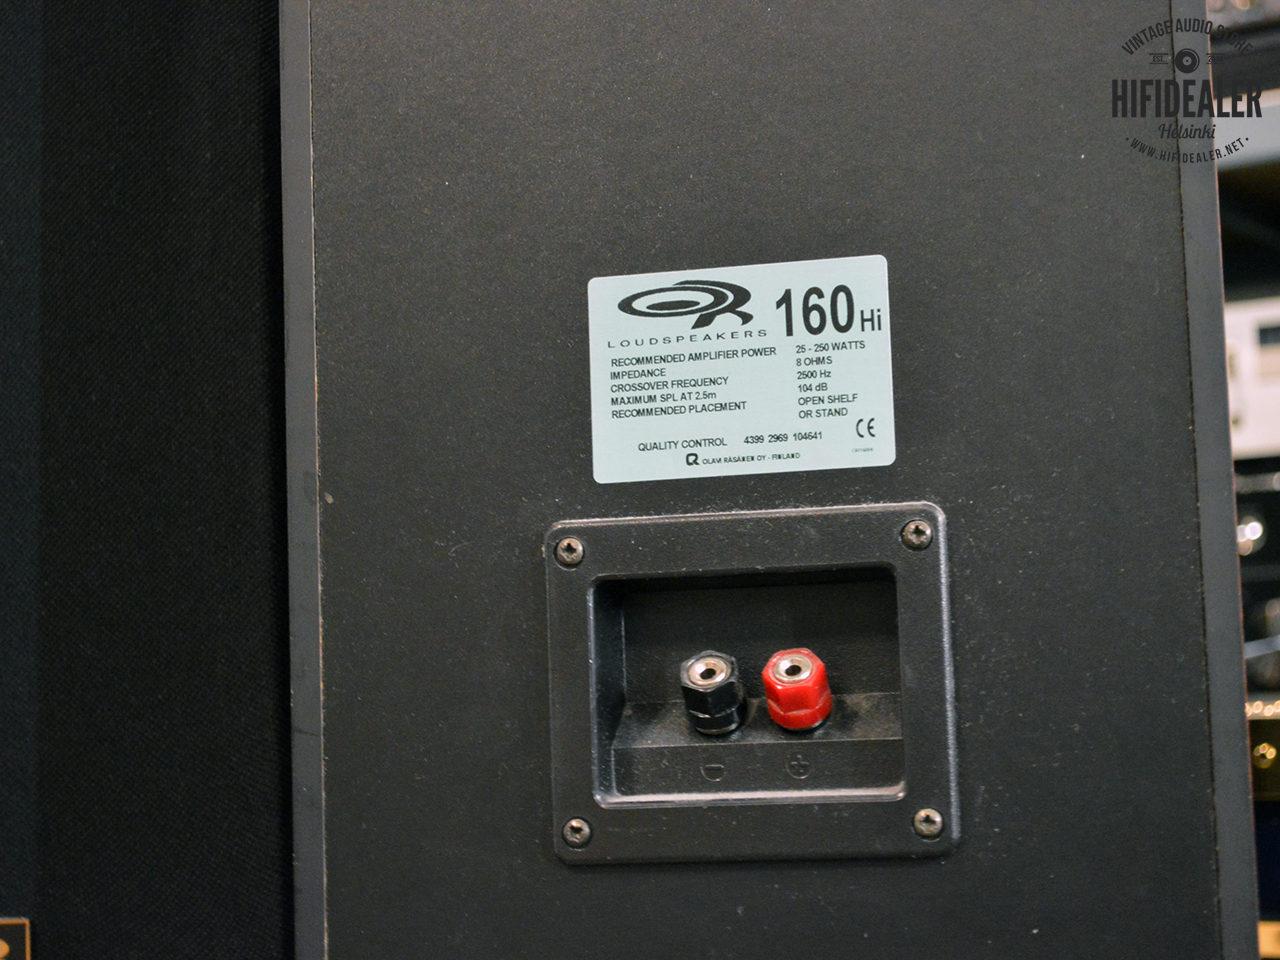 or-160hi-3